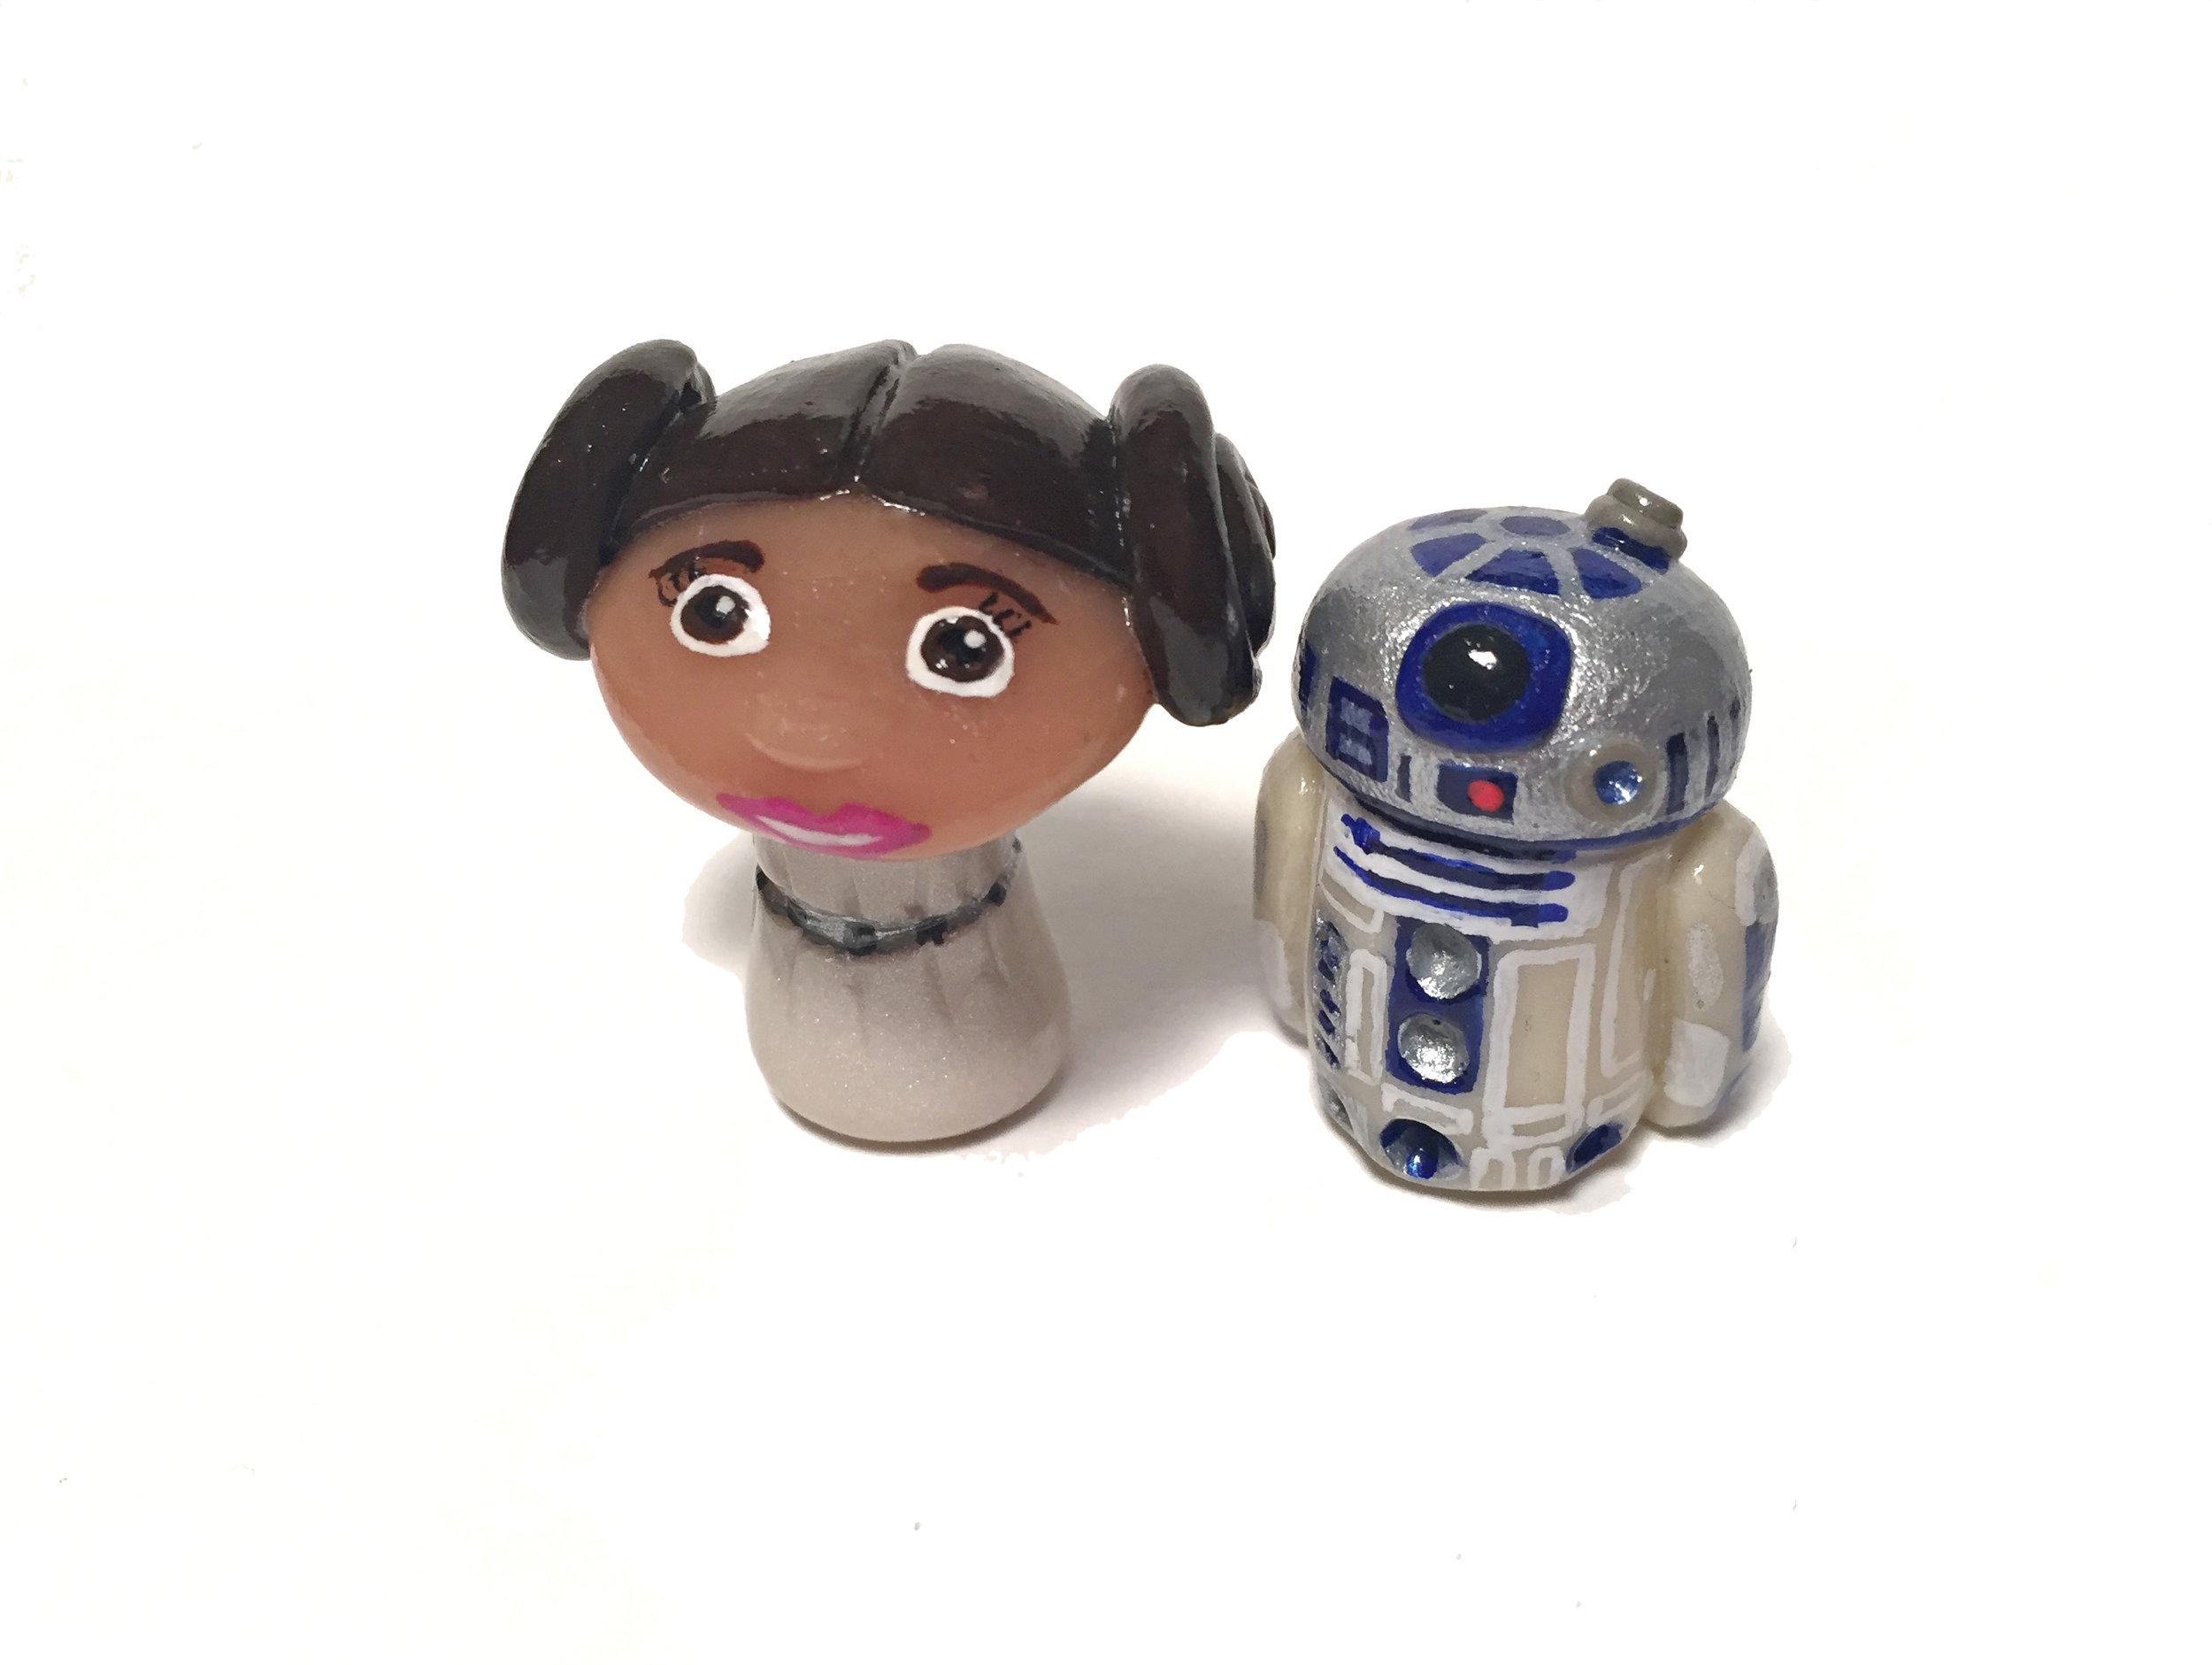 Princess Leia & R2D2 Pop Culture 'Shroom Sculptures